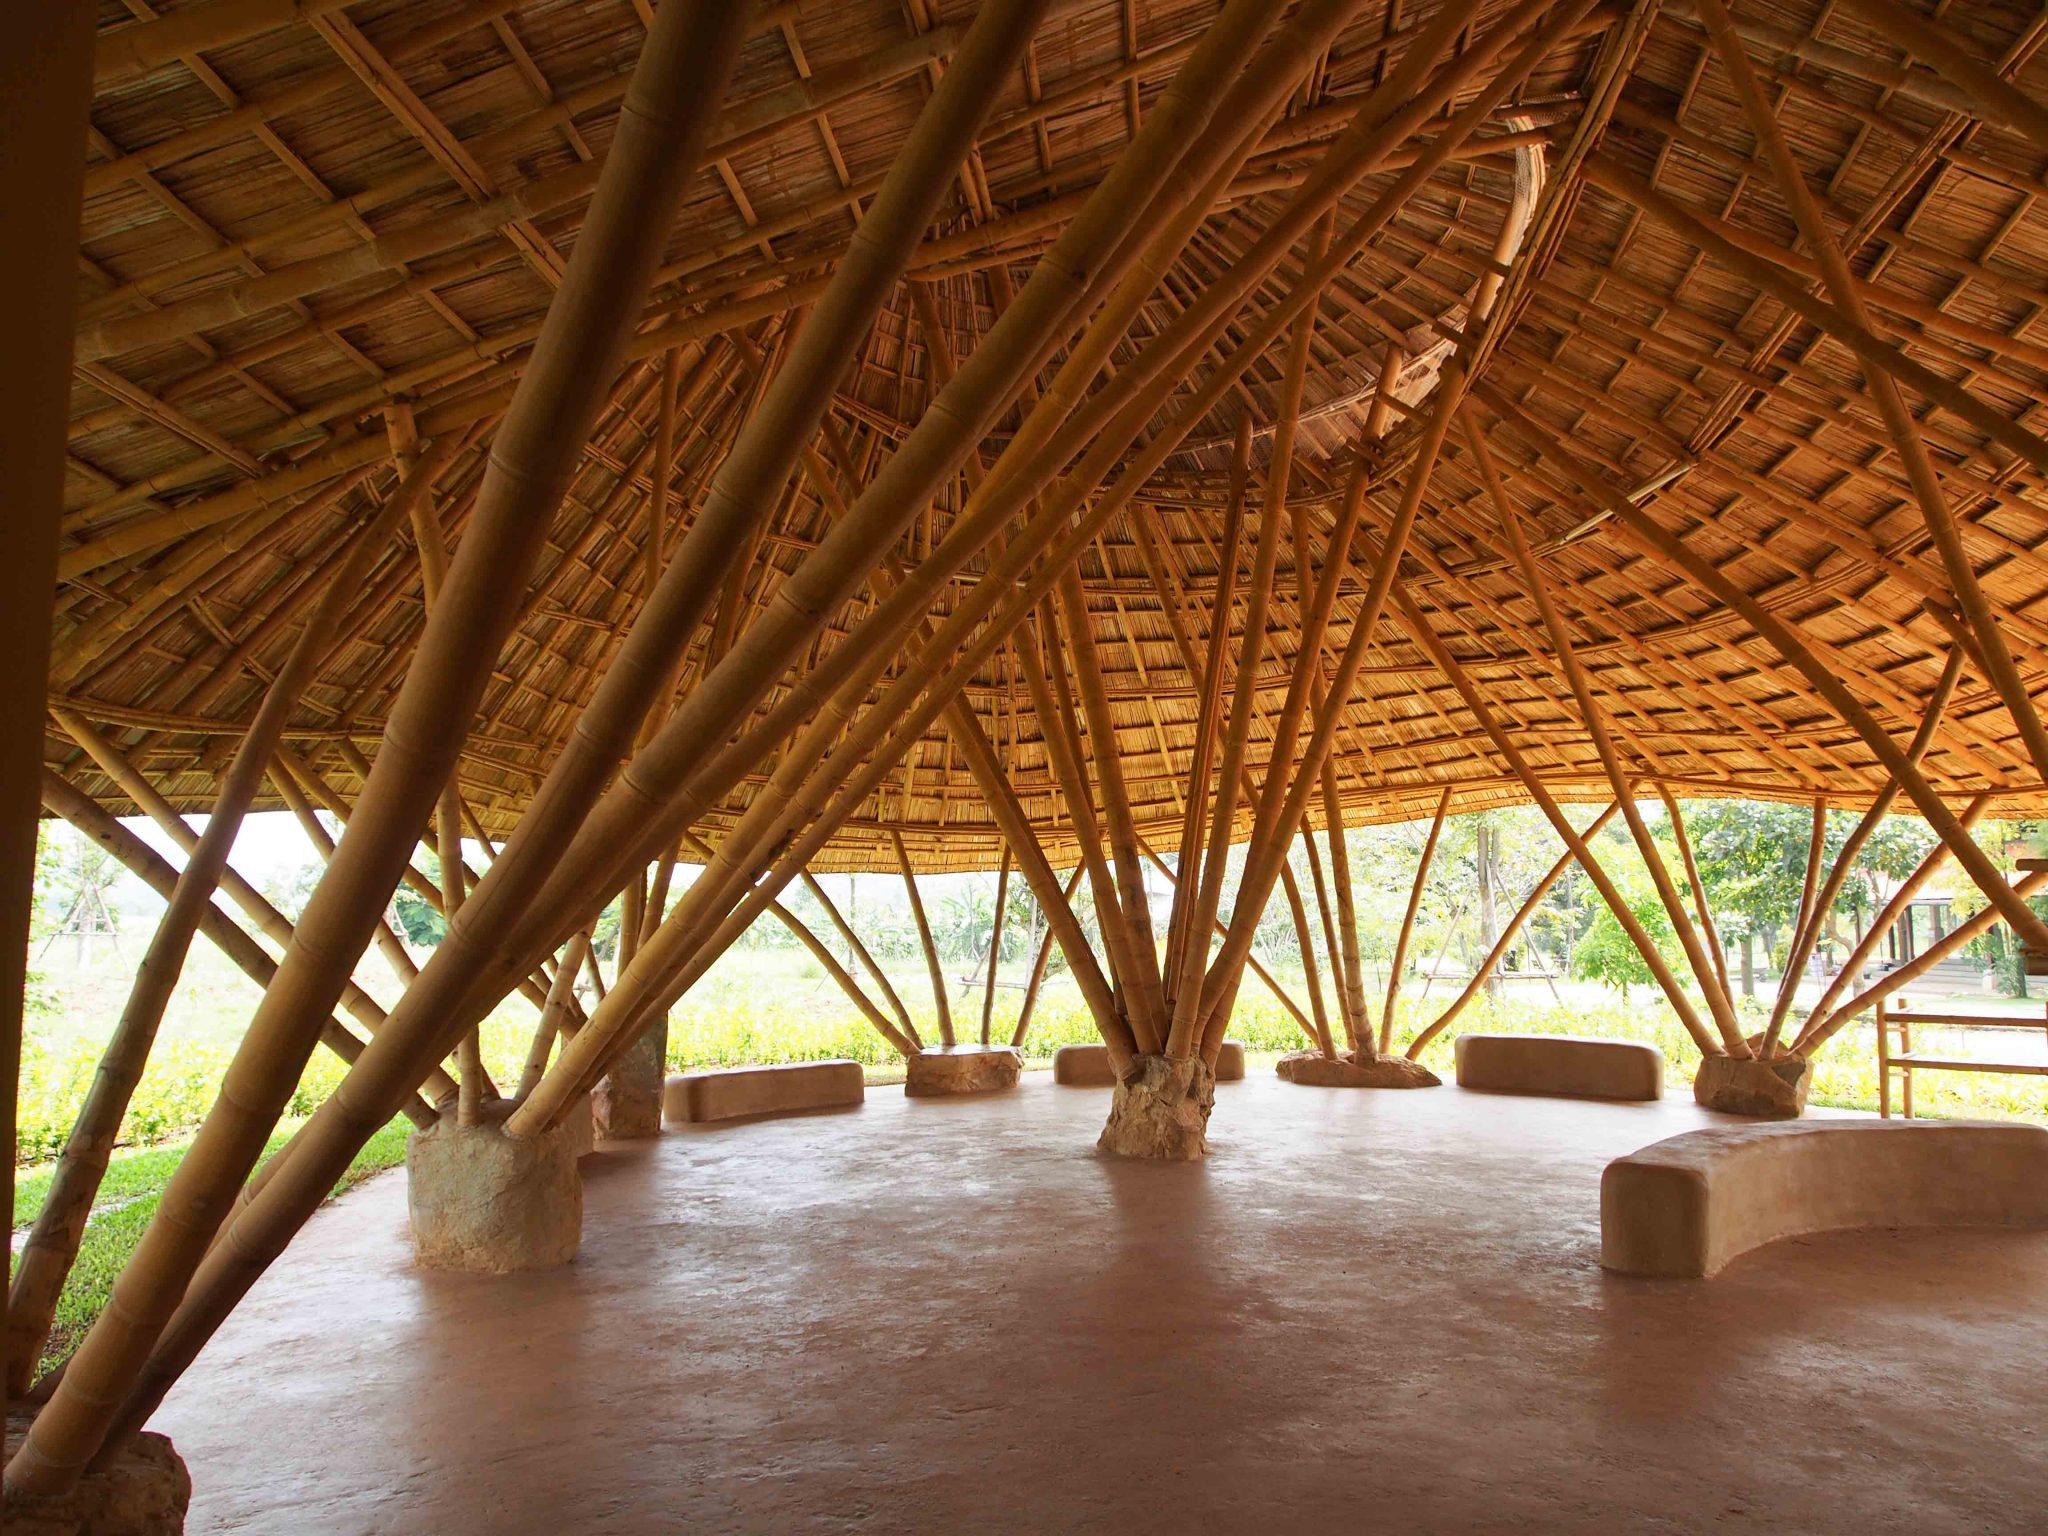 Rammed Earth Floor At Panyaprateep Bamboo Earth